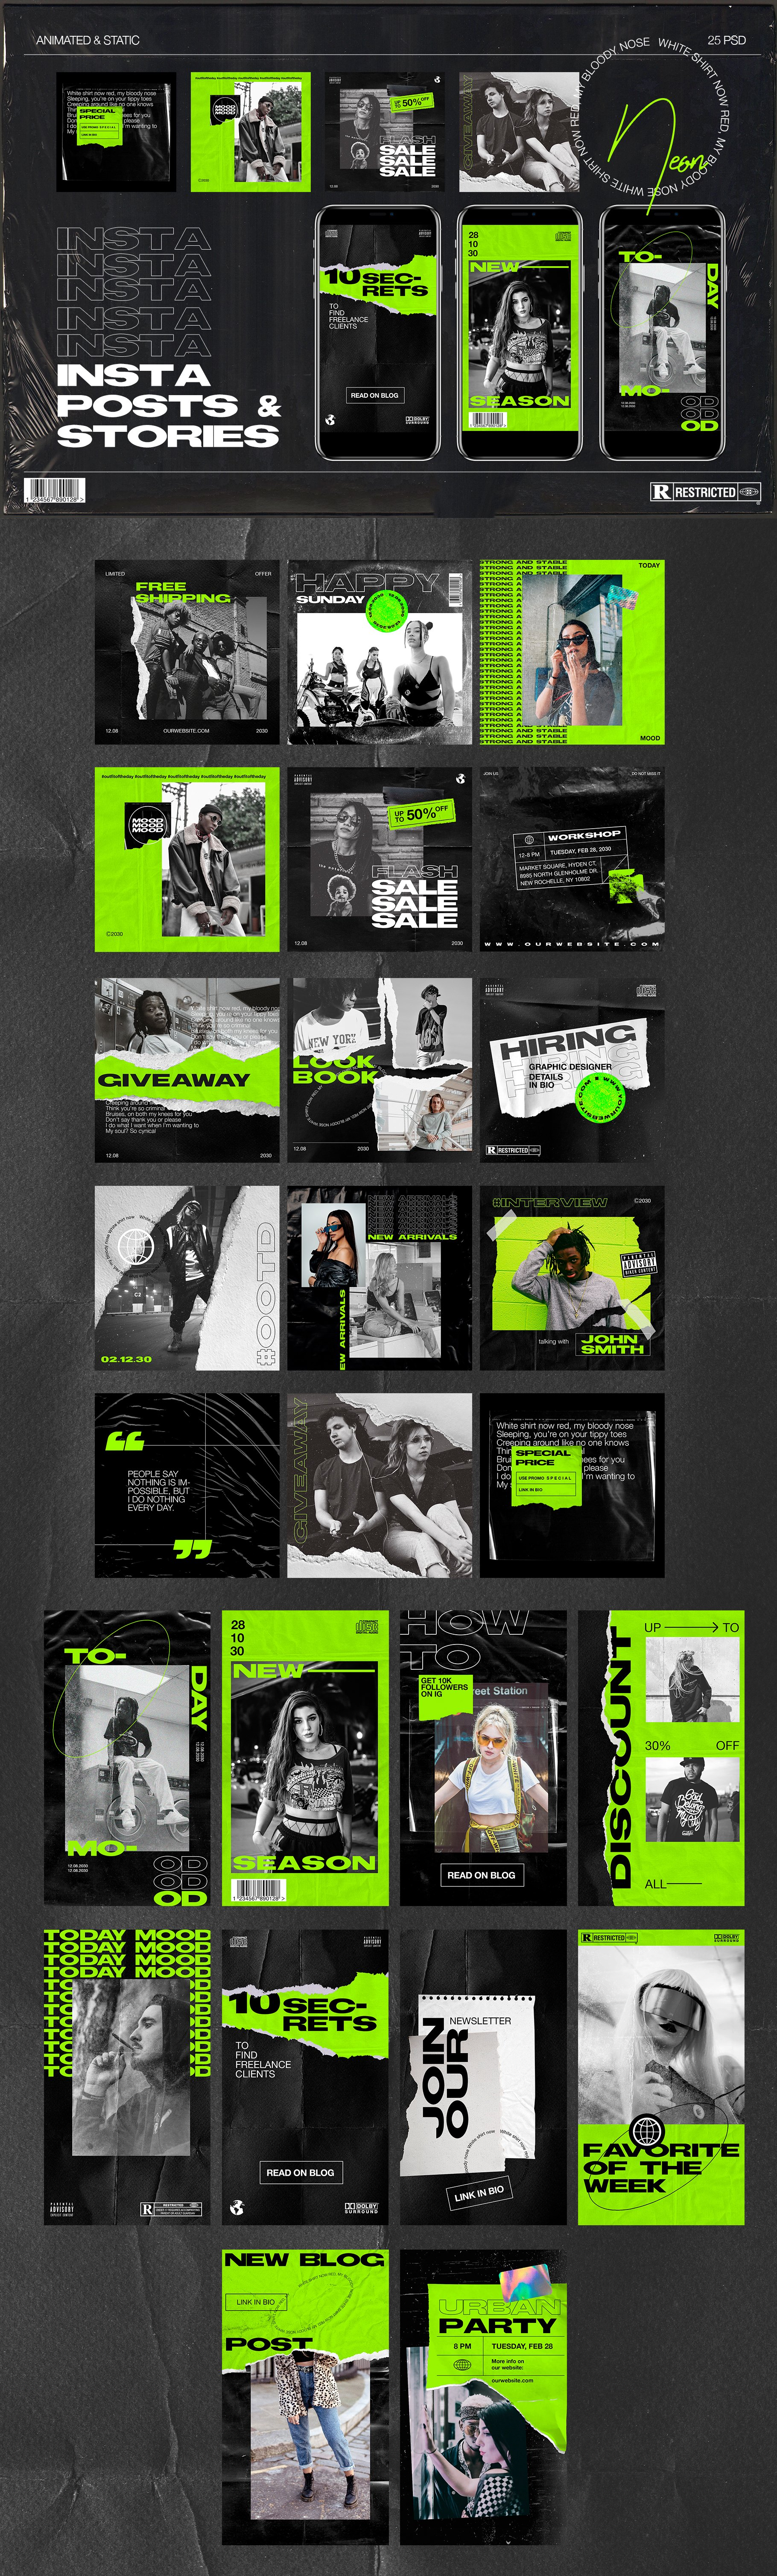 [淘宝购买] 潮流霓虹撕纸效果新媒体推广电商海报设计PSD模板 Neon Instagram Posts & Stories插图